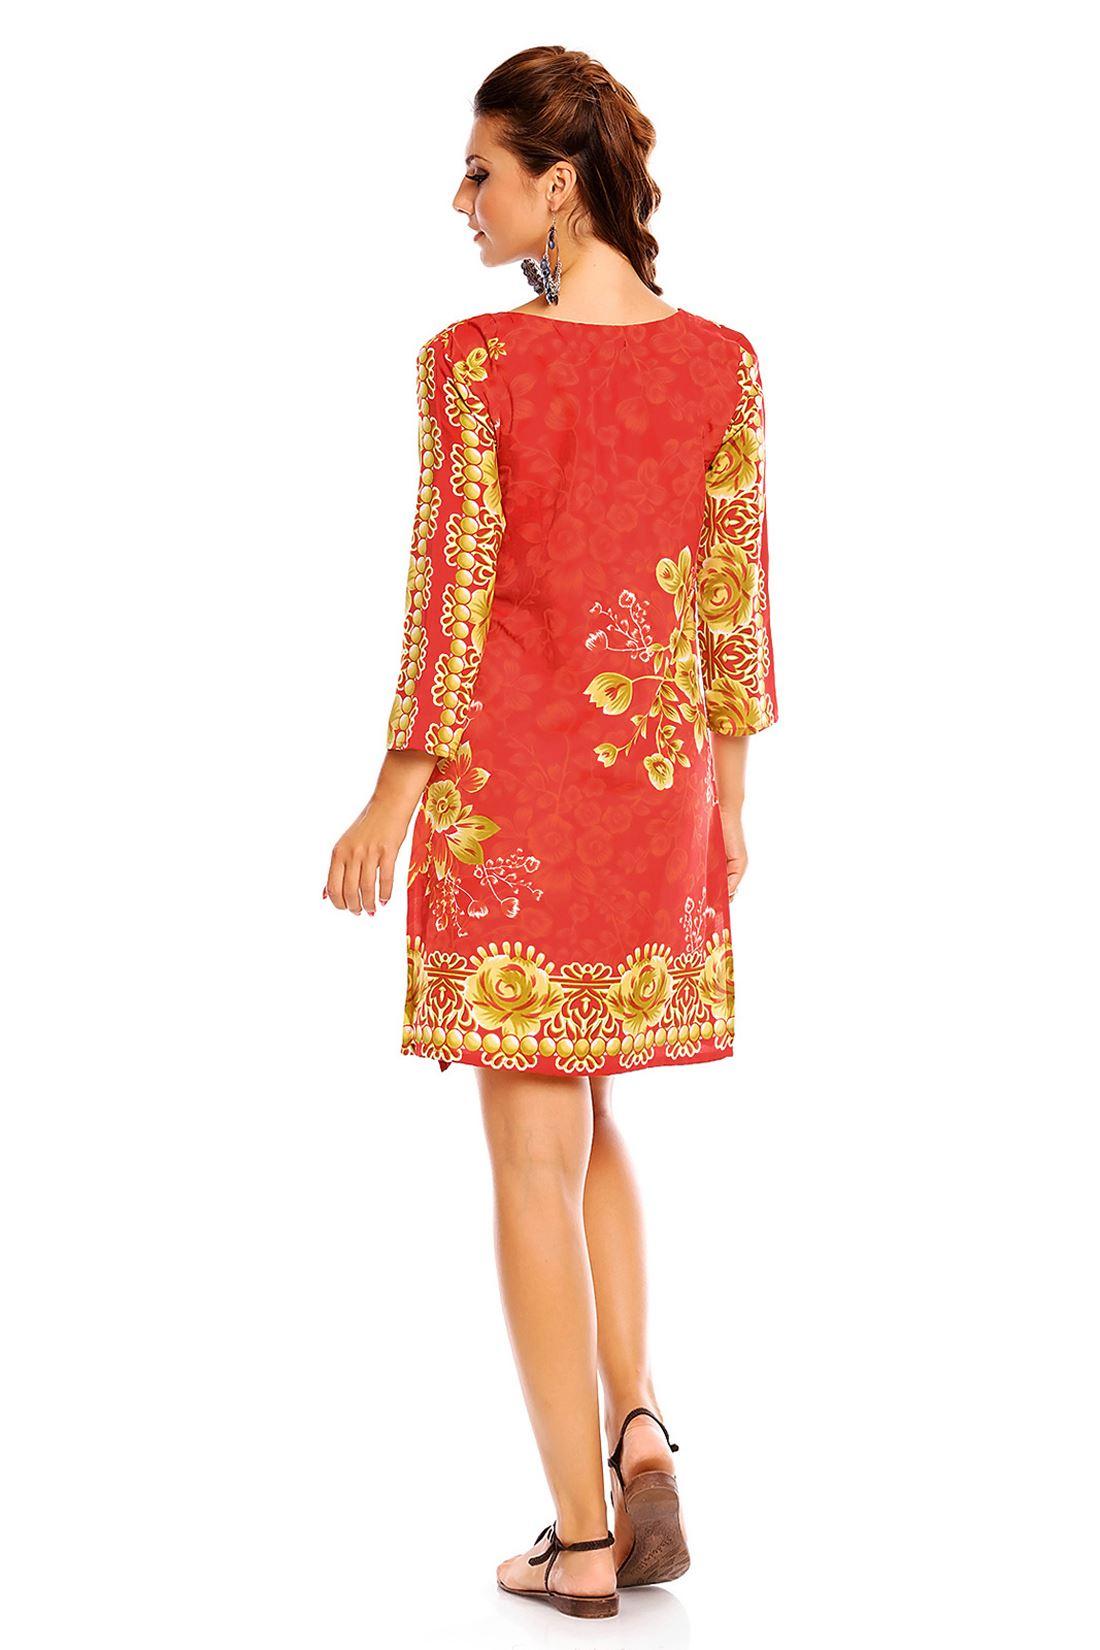 Amazon Uk Ladies Clothes